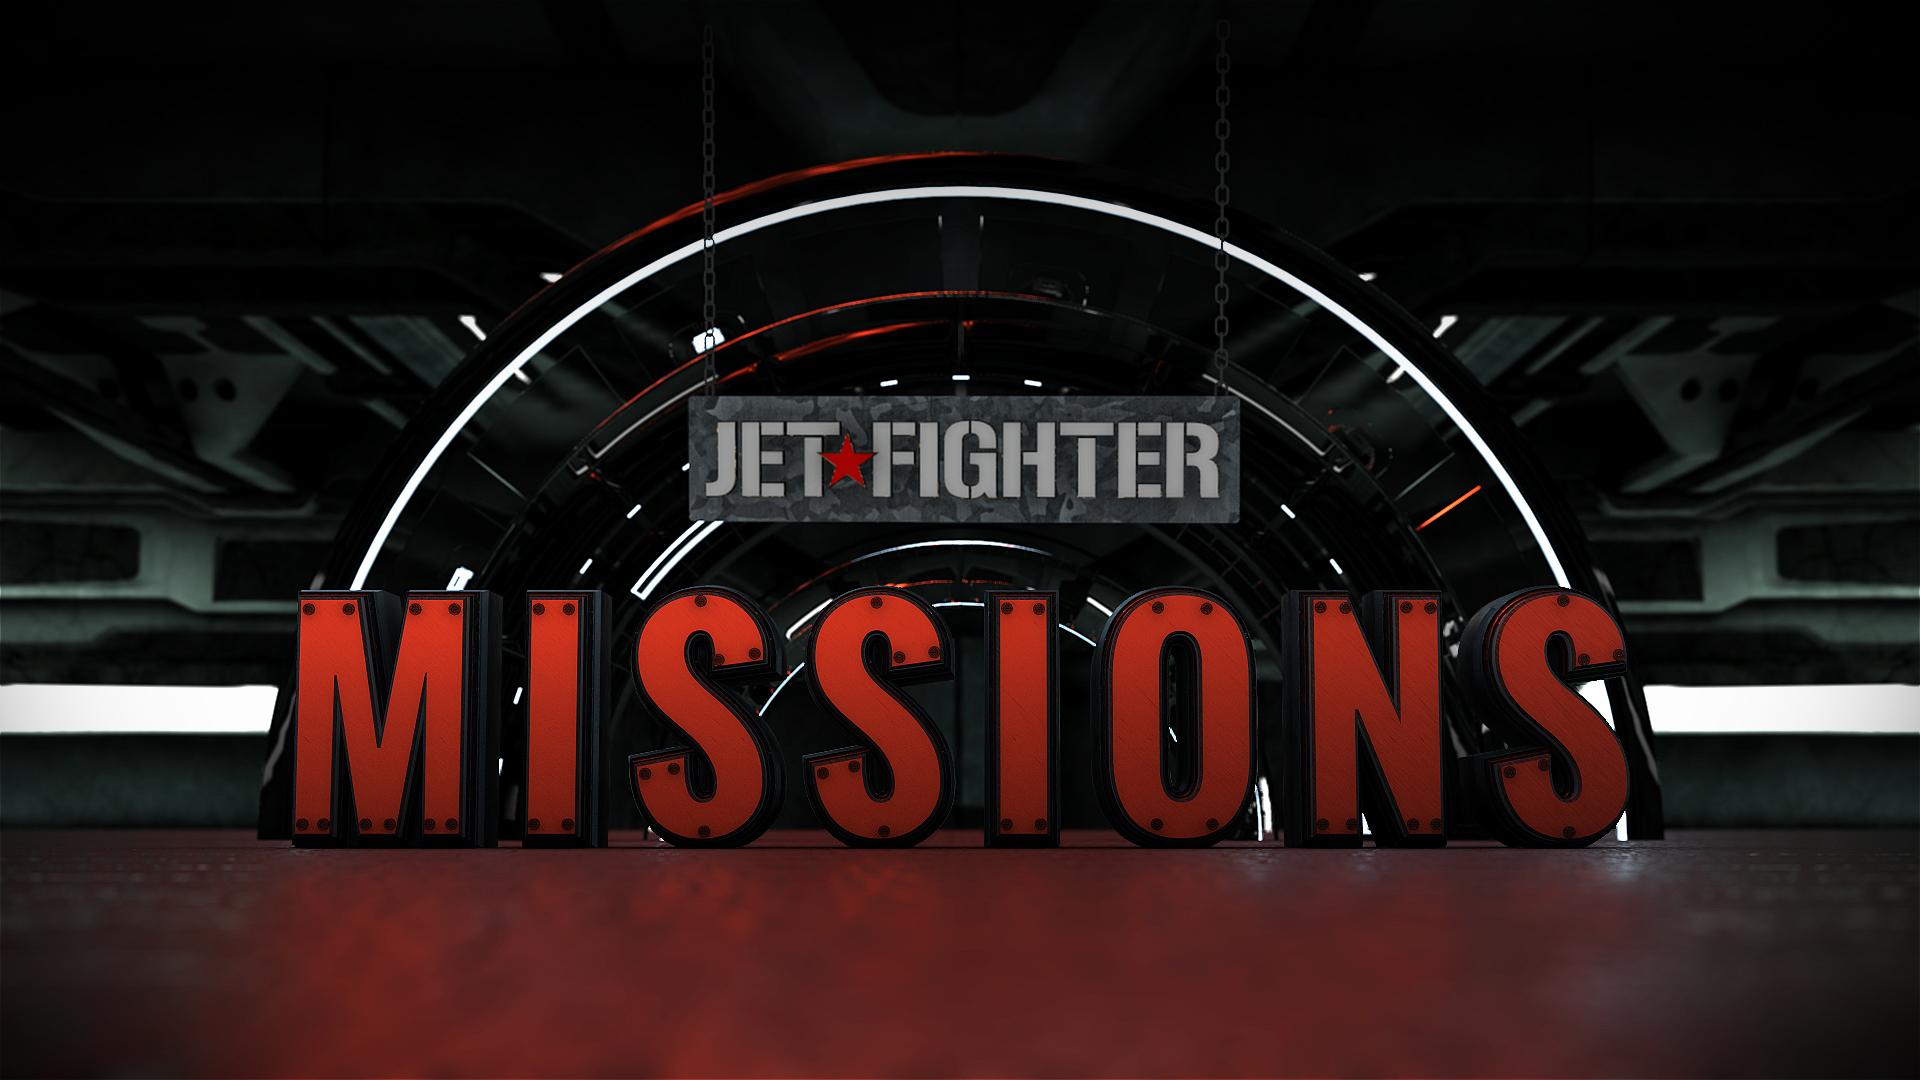 Jet Fighter Missions: Adventure Flight, Adrenaline Flight & Scenic Flights